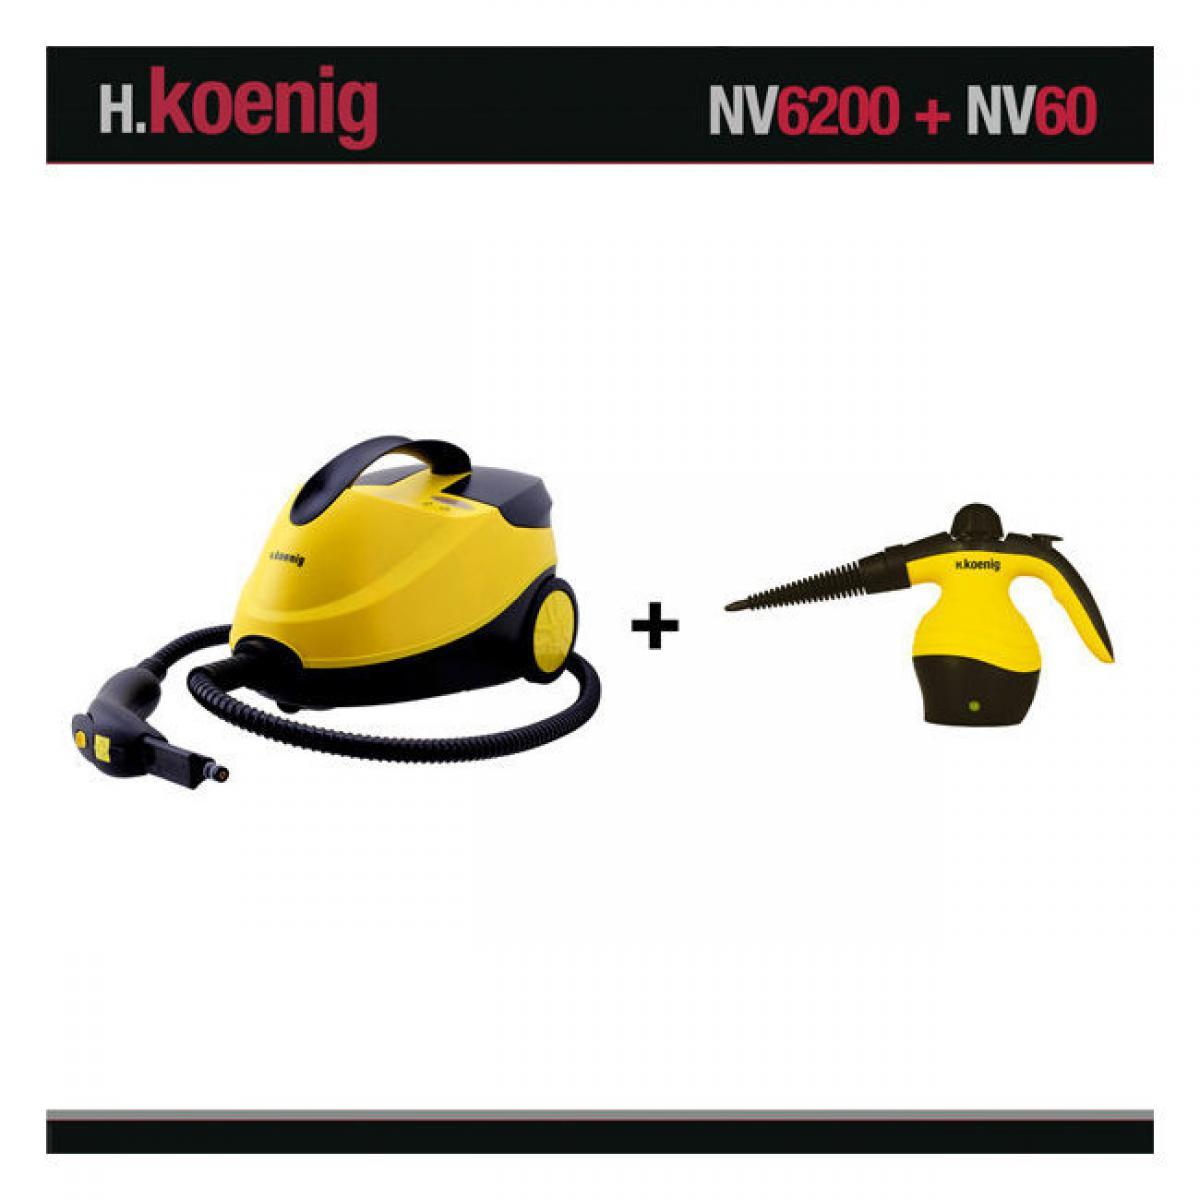 Hkoenig HKOENIG NV6200+NV60 NETTOYEUR VAPEUR 2000W 4 BARS + NETTOYEUR COMPACT